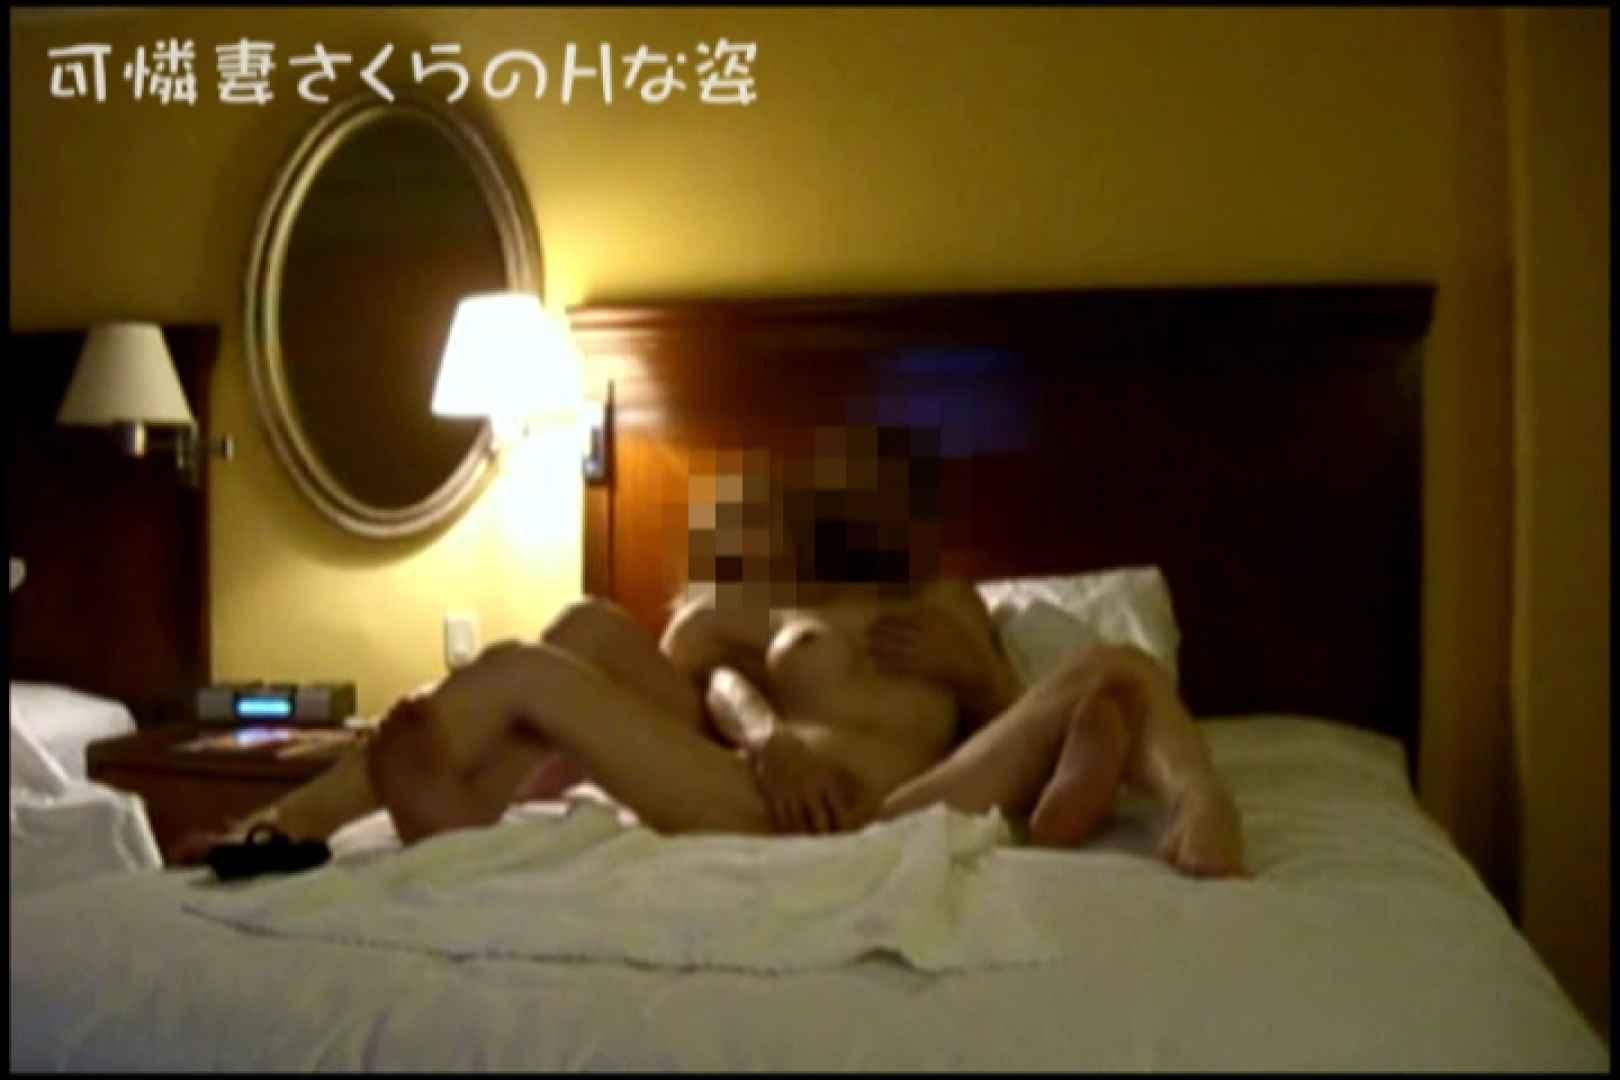 可憐妻さくらのHな姿vol.8 セックス スケベ動画紹介 58連発 17